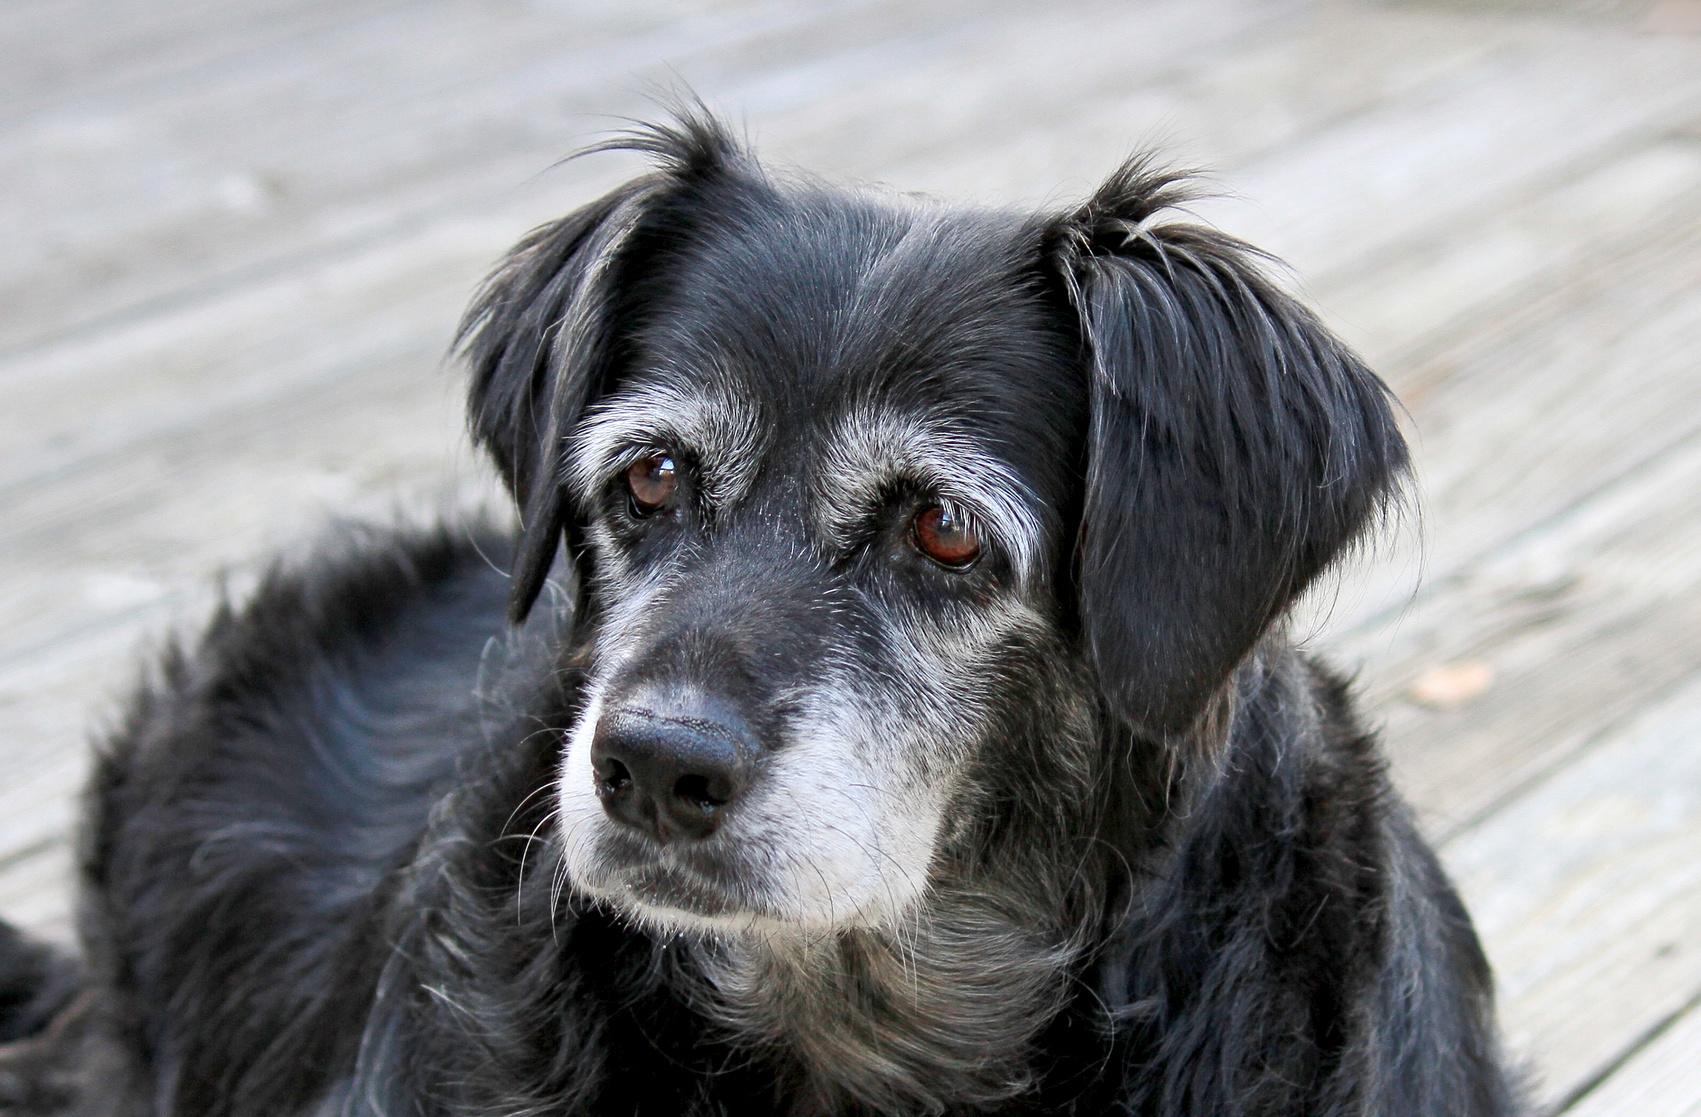 もしかして歩かせすぎ?シニア犬のお散歩は何分くらいがいいの?